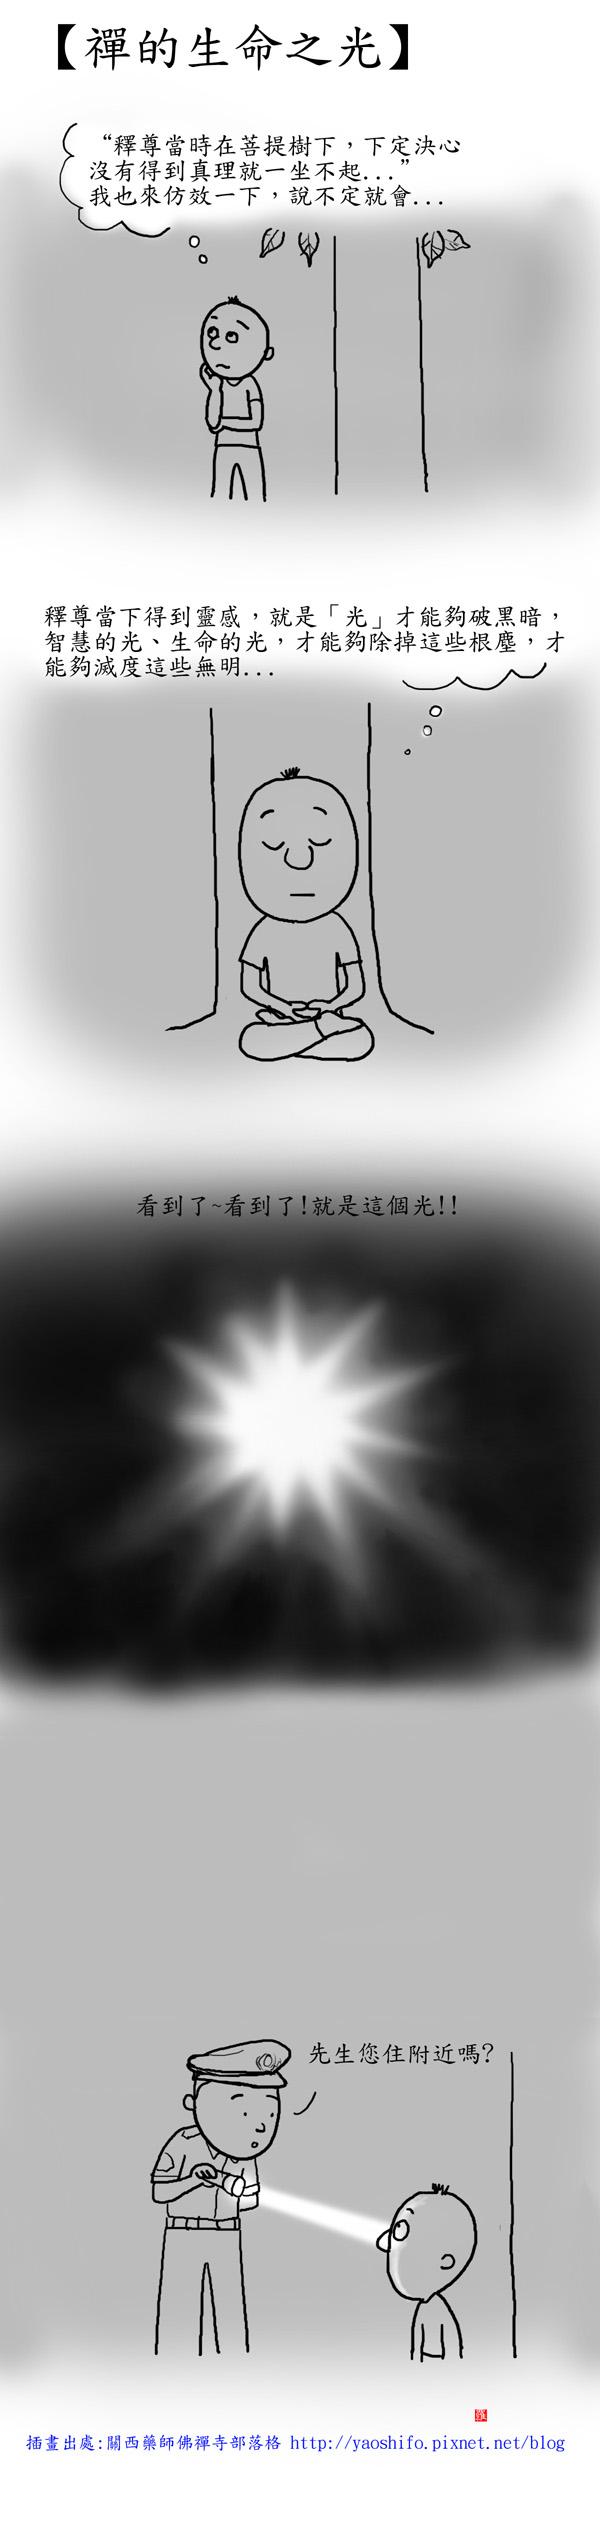 _禪的生命之光